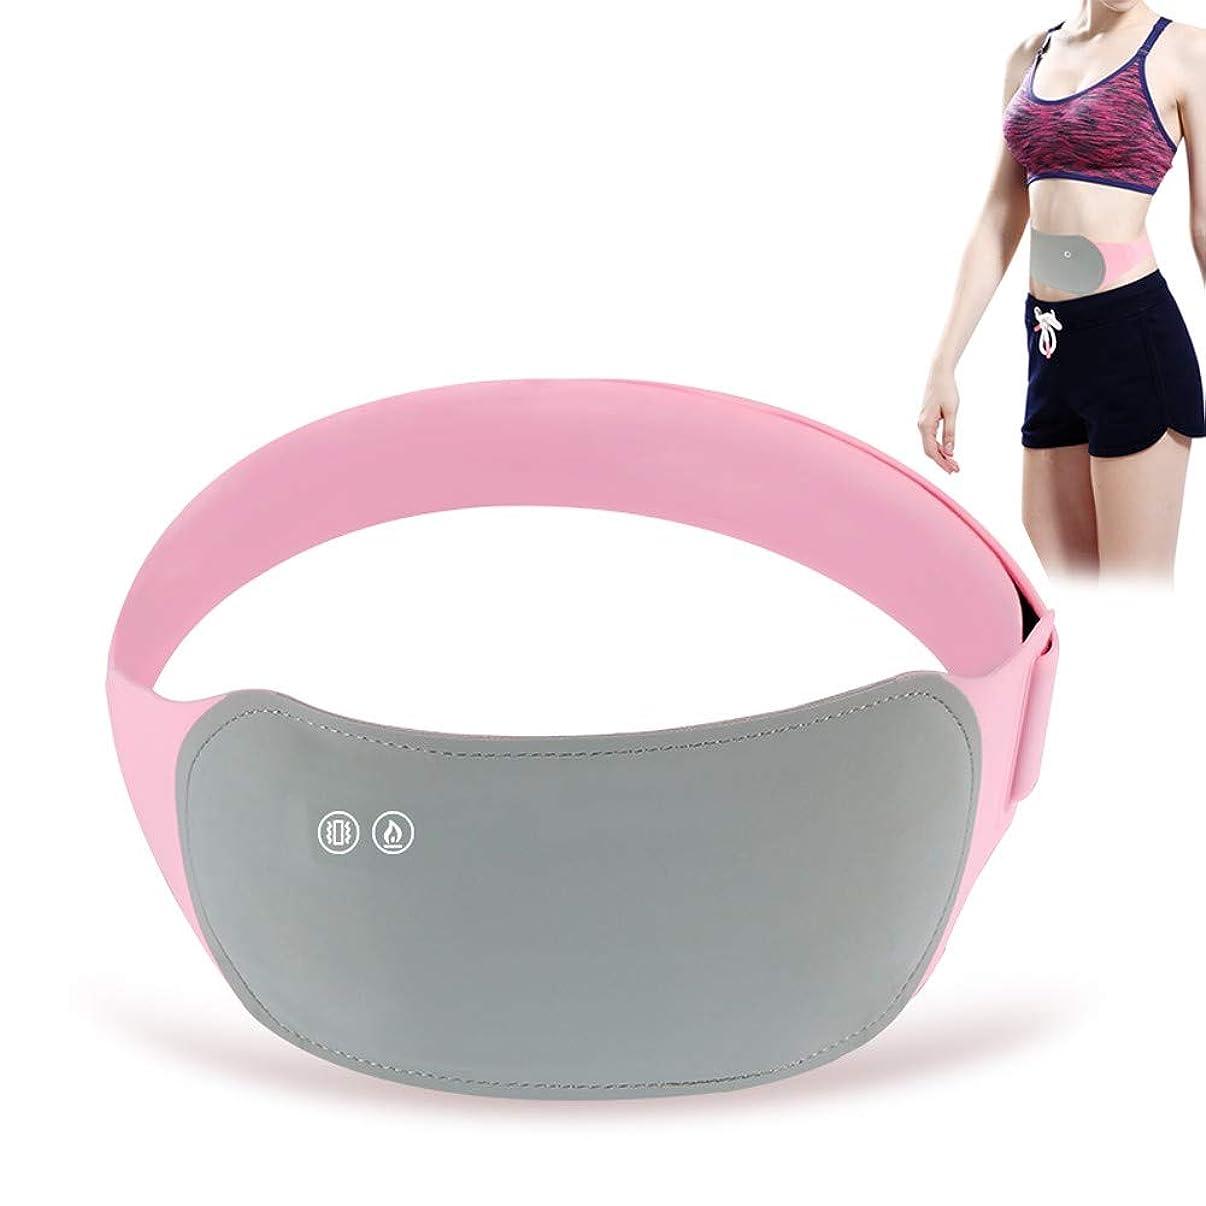 カートマーカー盗賊減量ベルト減量機調節可能な振動マッサージ穏やかな熱い腹脂肪バーナーで女性のための消化/背中/腰/腕/脚/太もも/肩を促進しますGrey